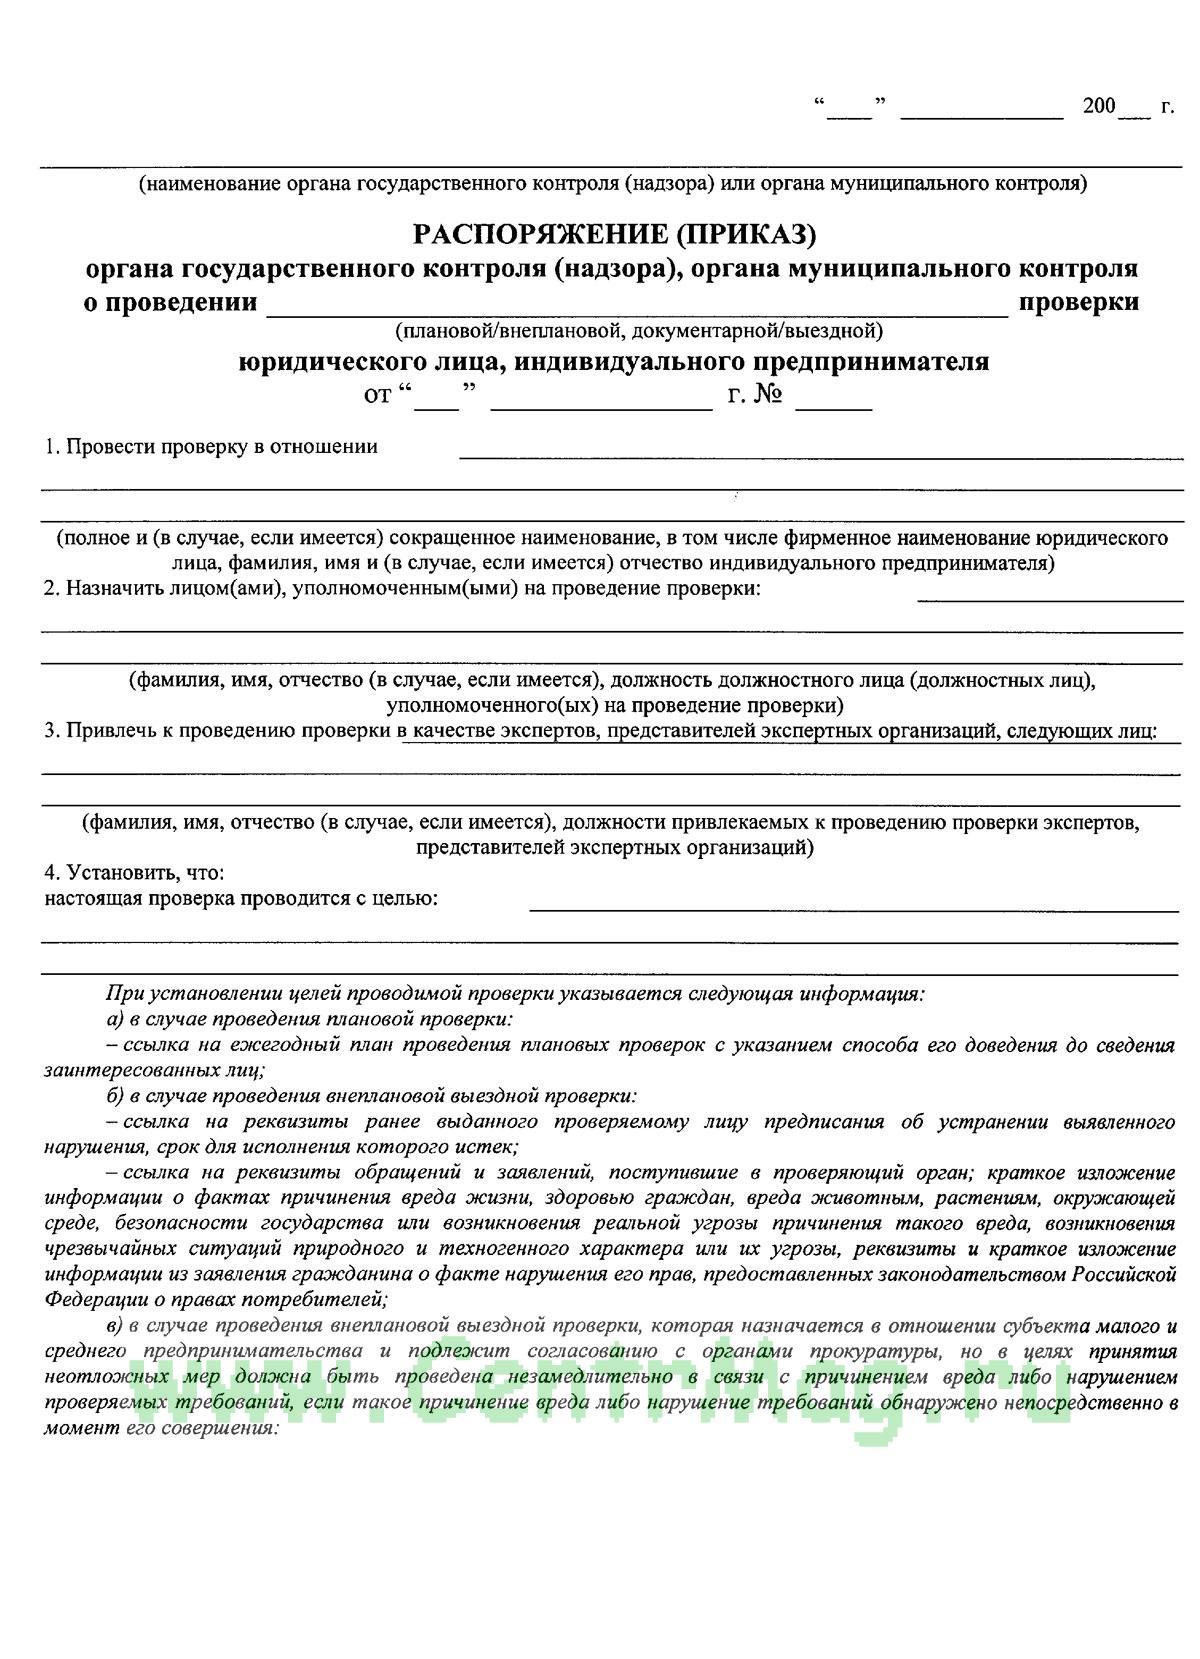 Распоряжение (приказ) органа государственного контроля (надзора), органа муниципального контроля о проведении проверки юридического лица,